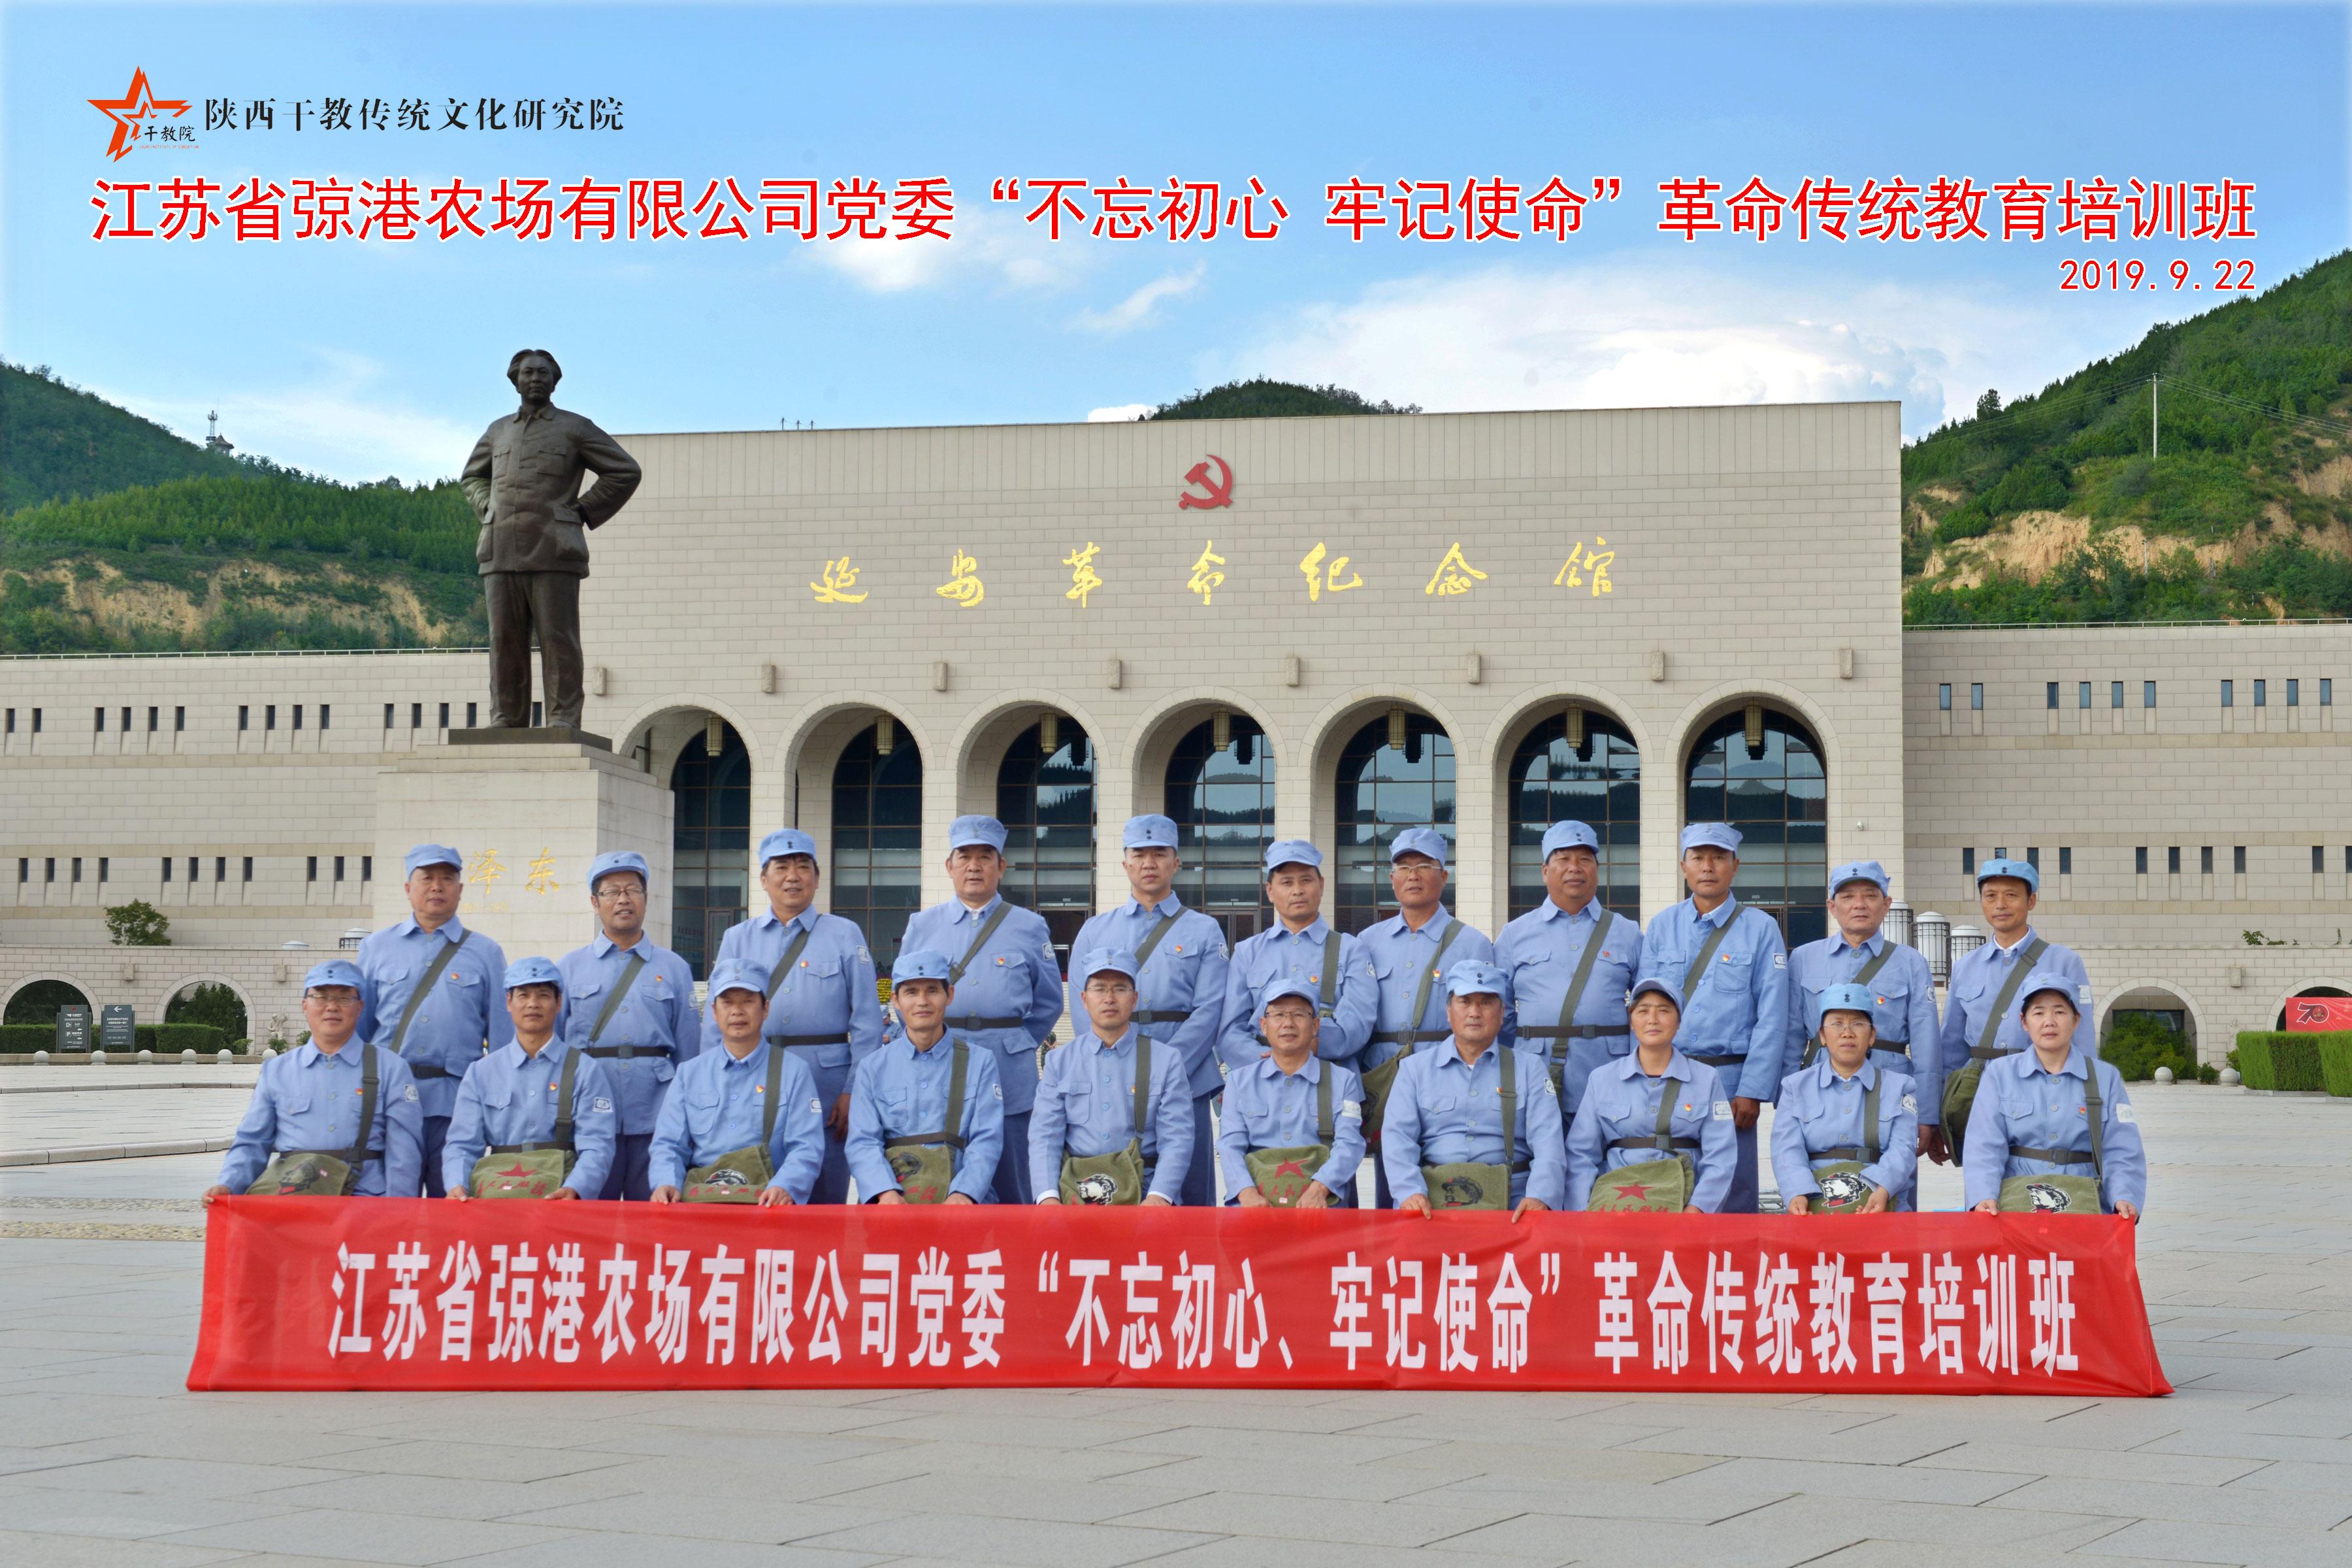 陕西干教院 | 弶港农场有限公司党委的第二期学员们远赴延安参加